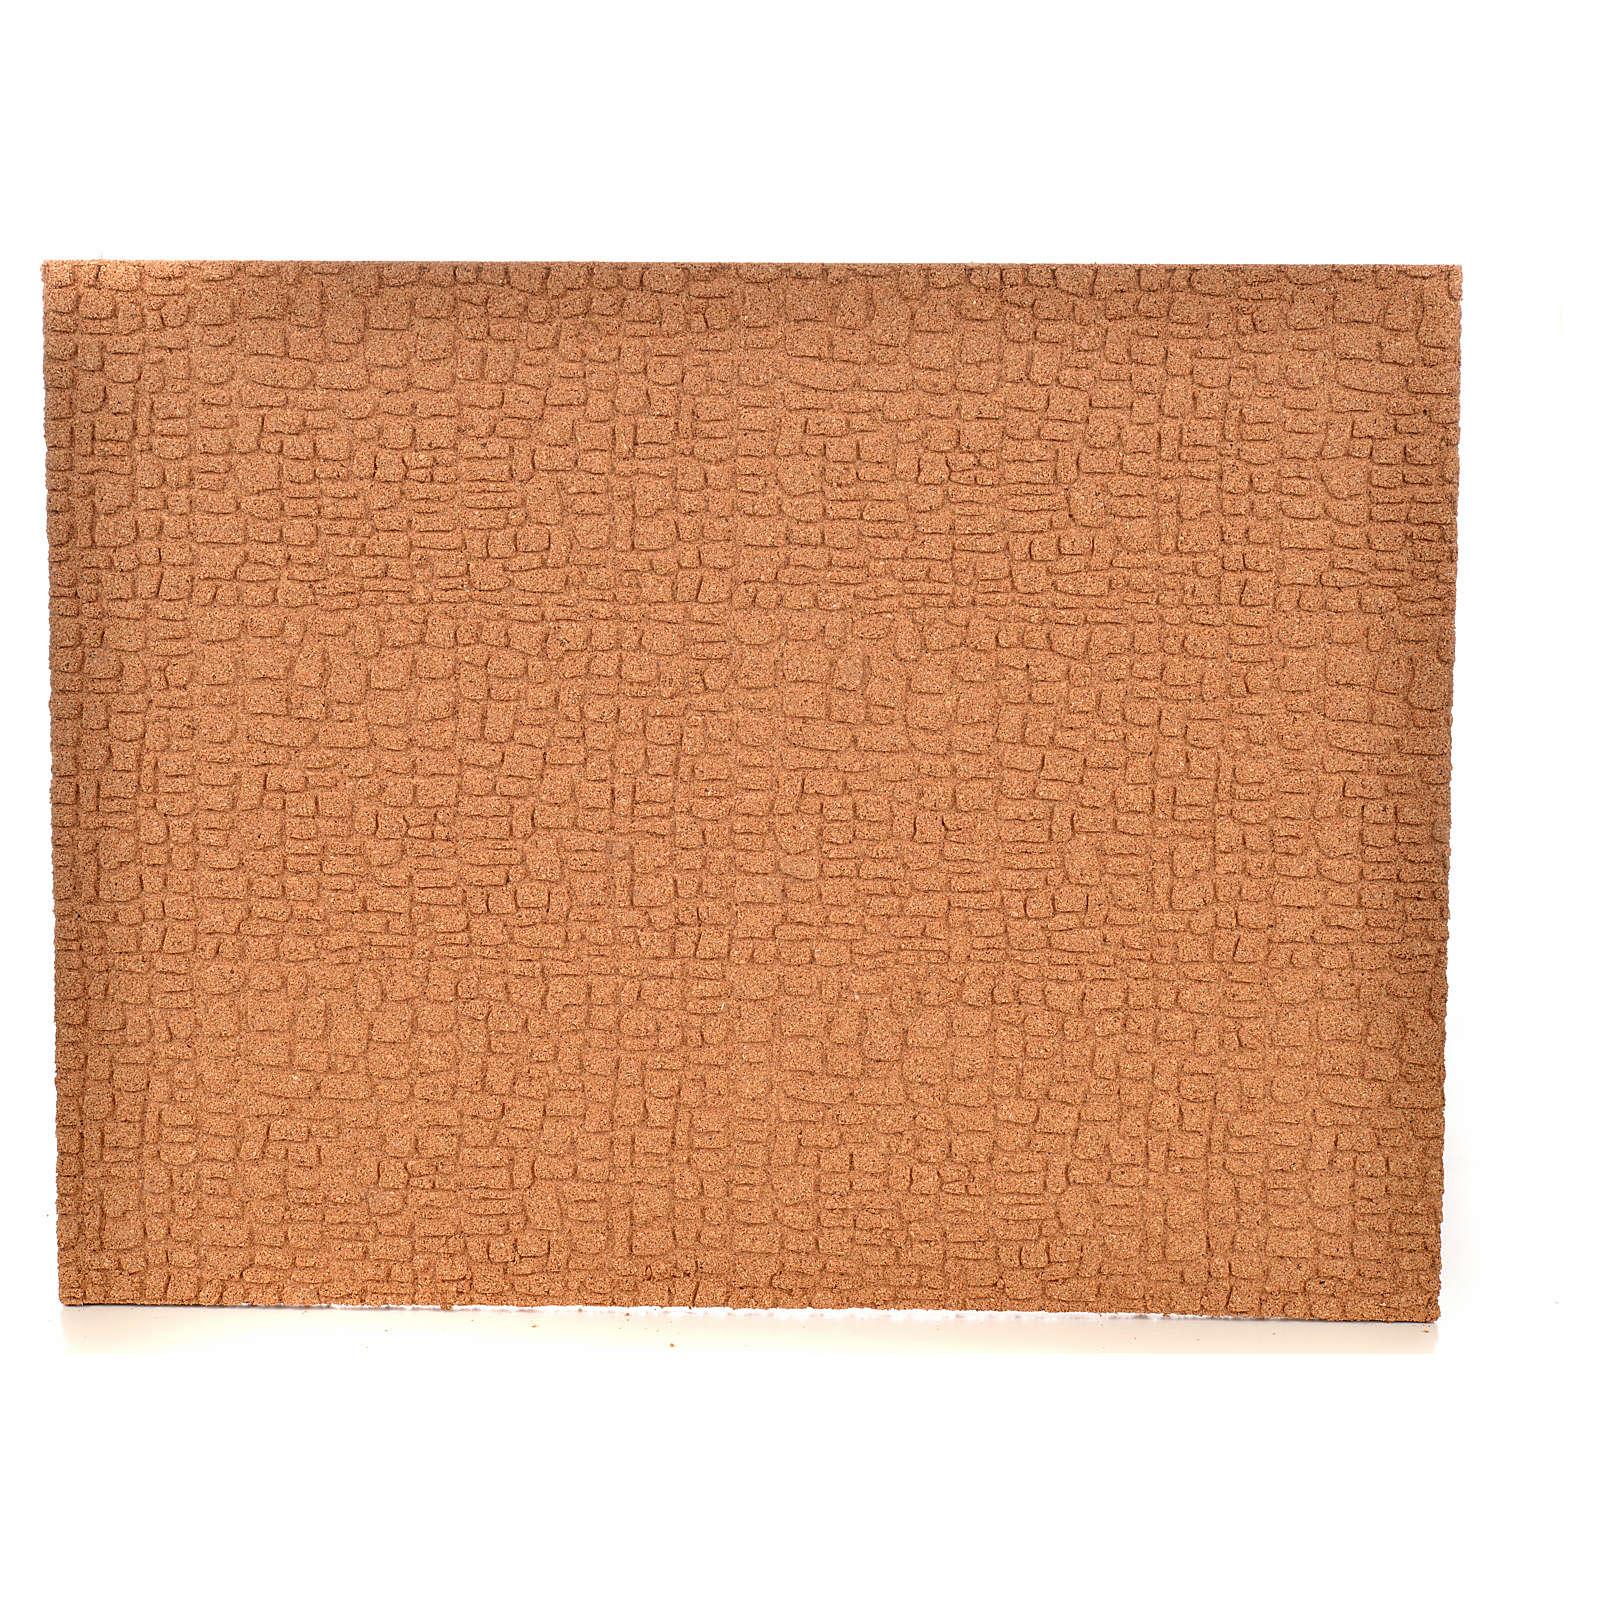 Feuille de liège mur/pavés 33x24,5x1 cm 4